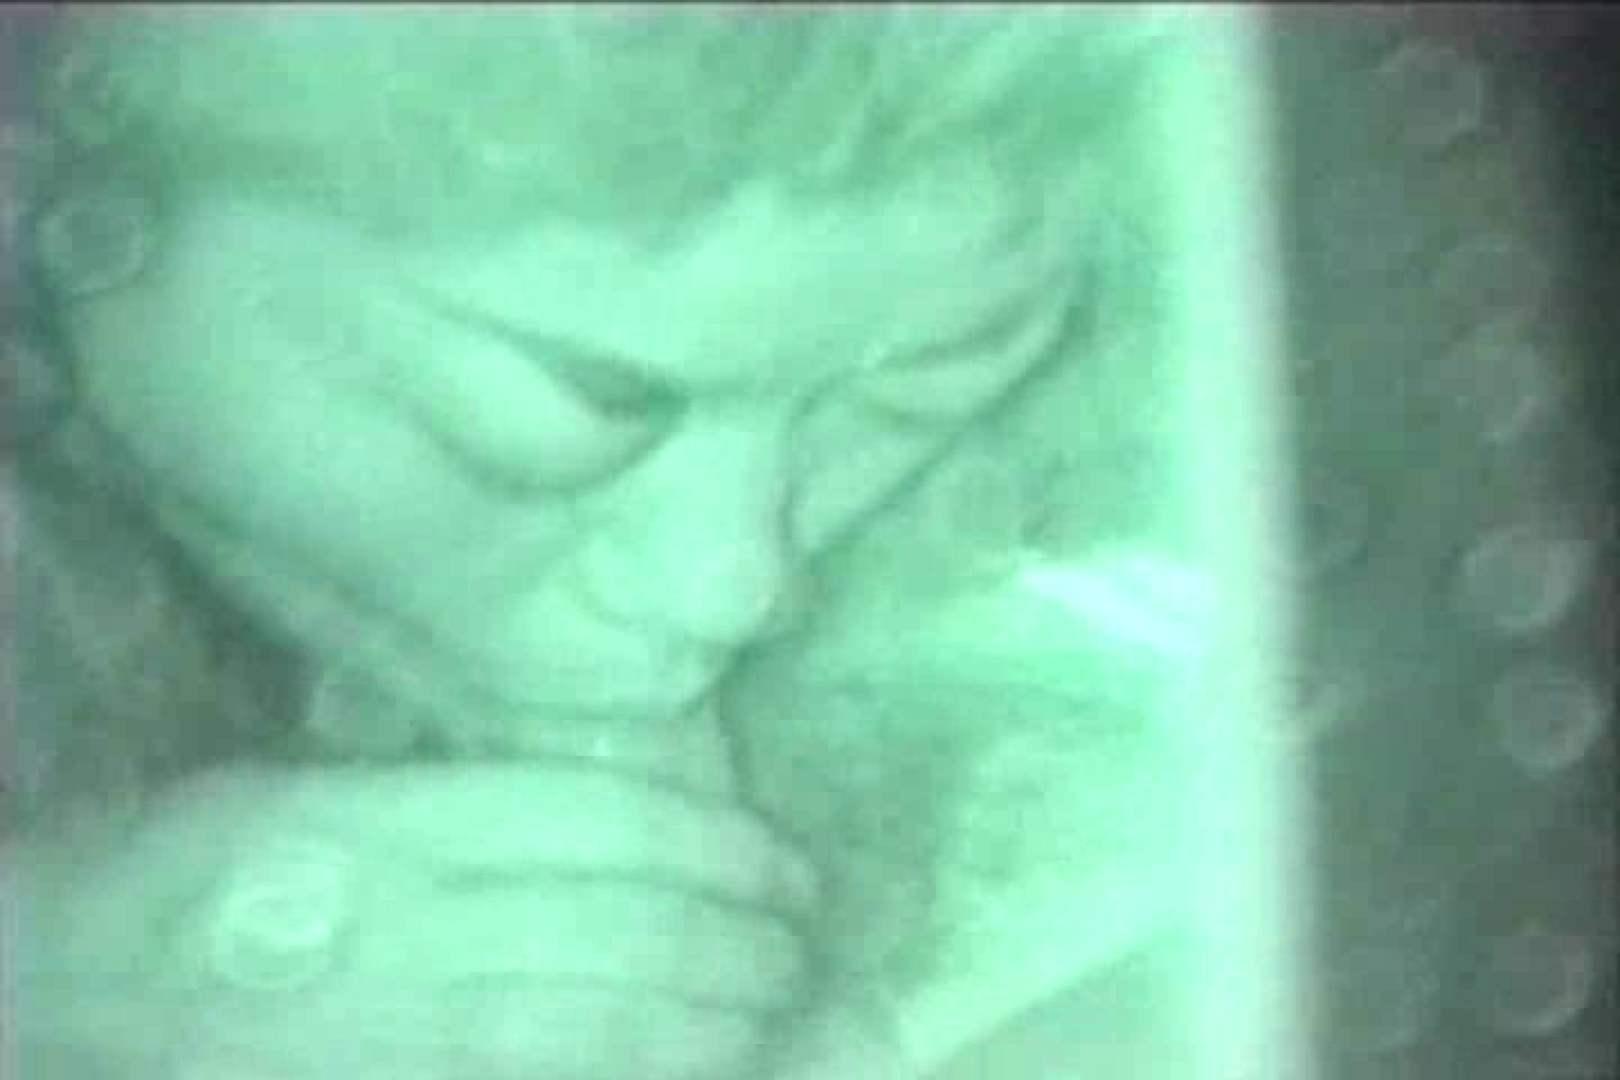 蔵出し!!赤外線カーセックスVol.19 いやらしいOL 濡れ場動画紹介 73連発 34